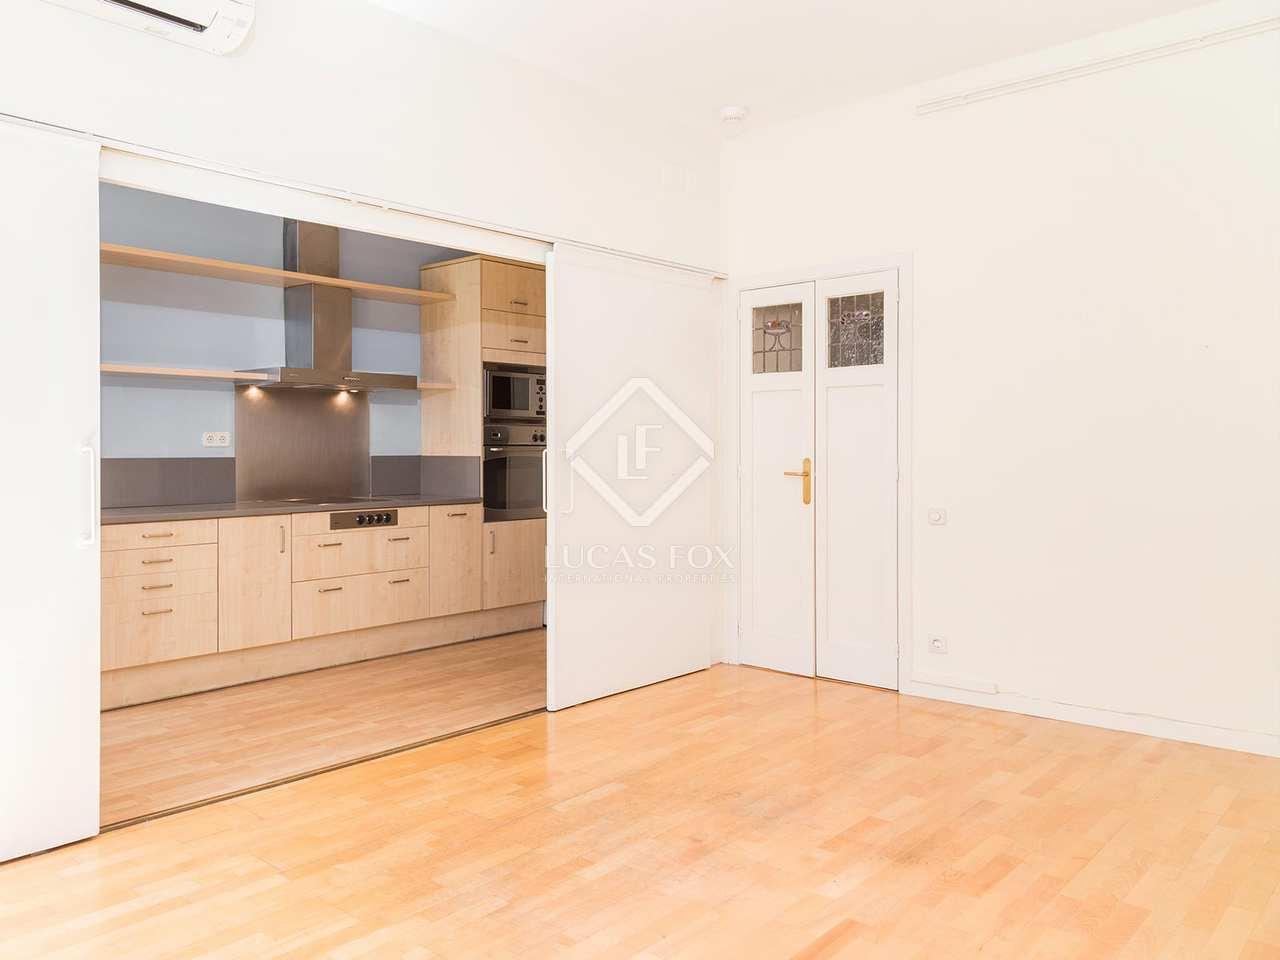 Casa con un jard n en alquiler en sarri en la zona alta for Casa alquiler barcelona jardin